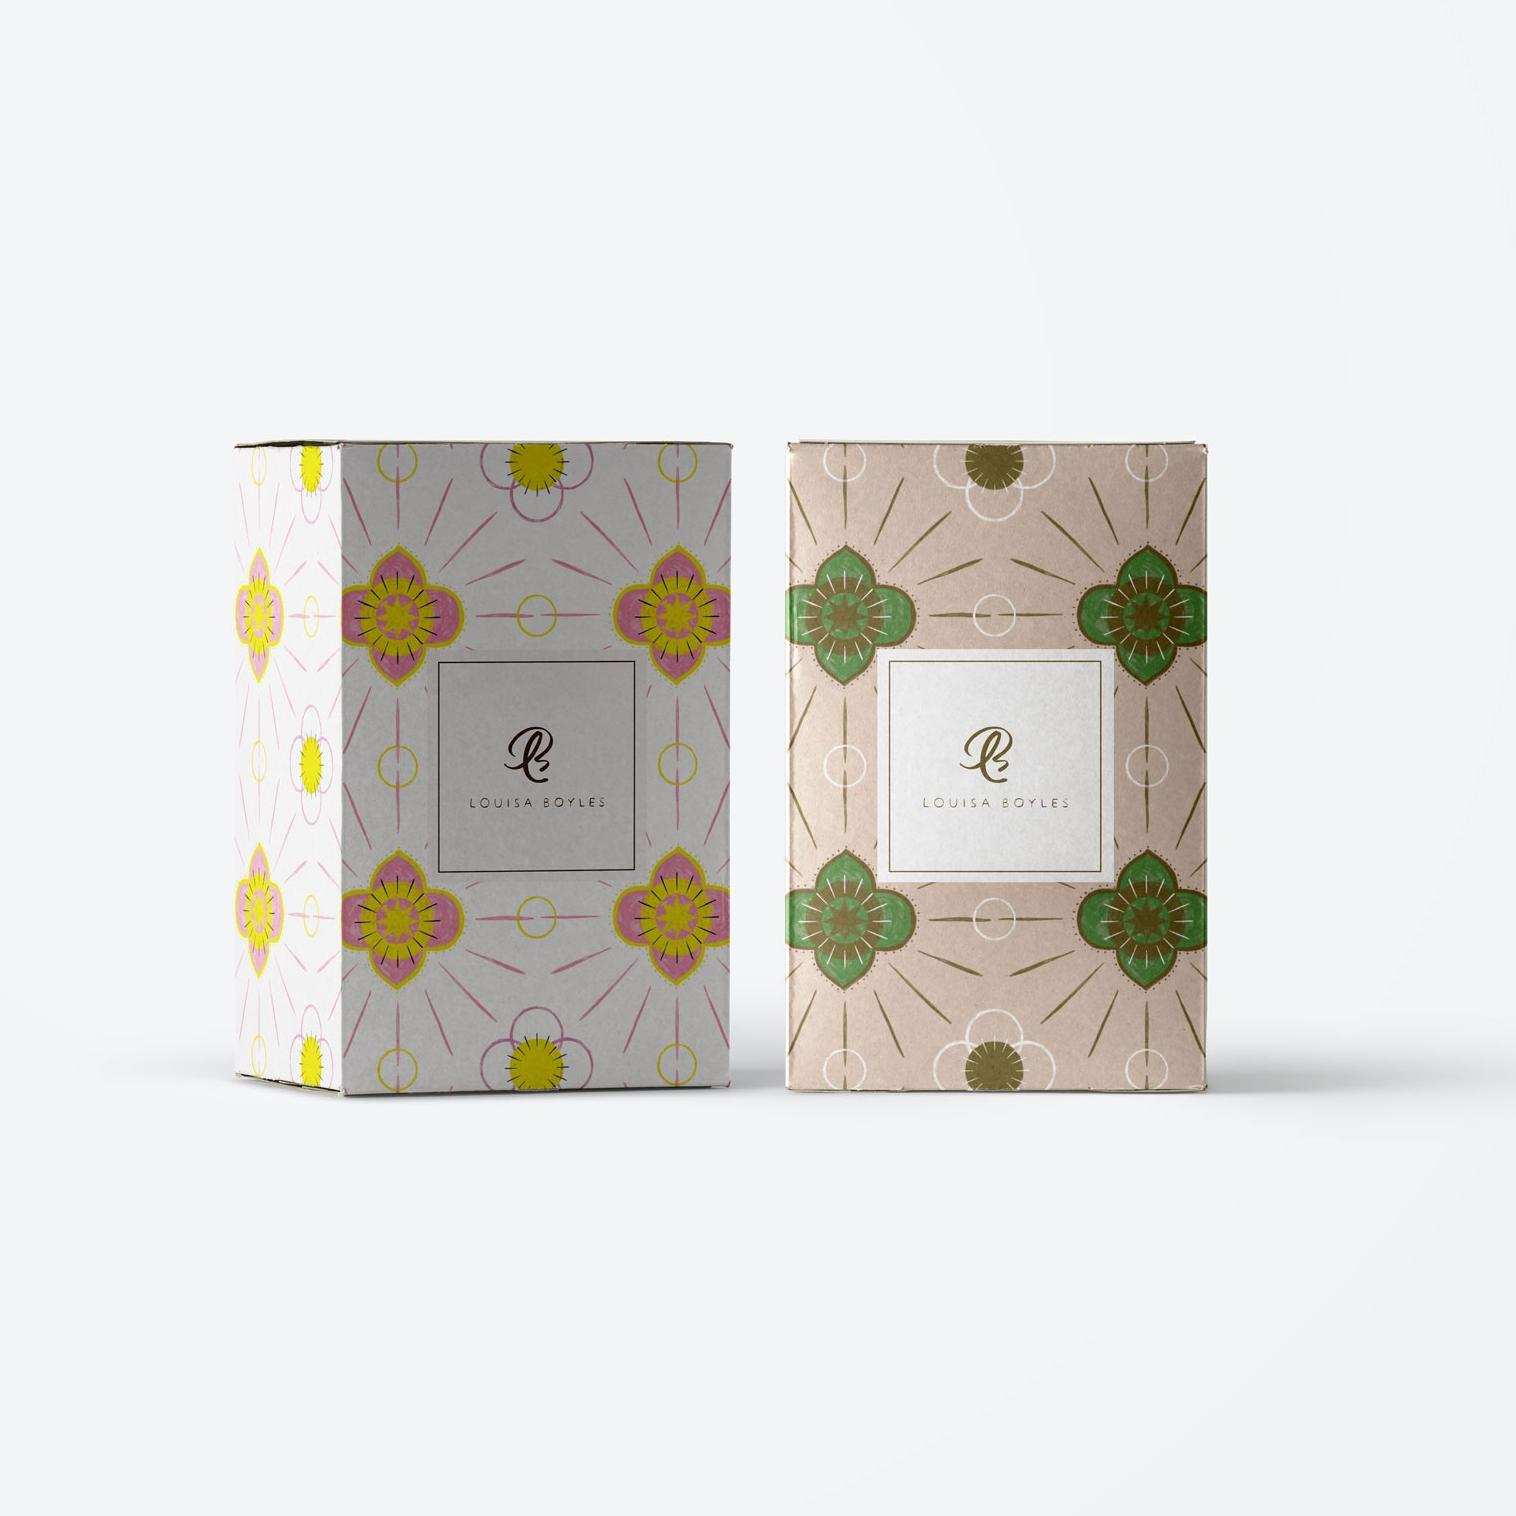 Eyhnik_Packaging.jpg